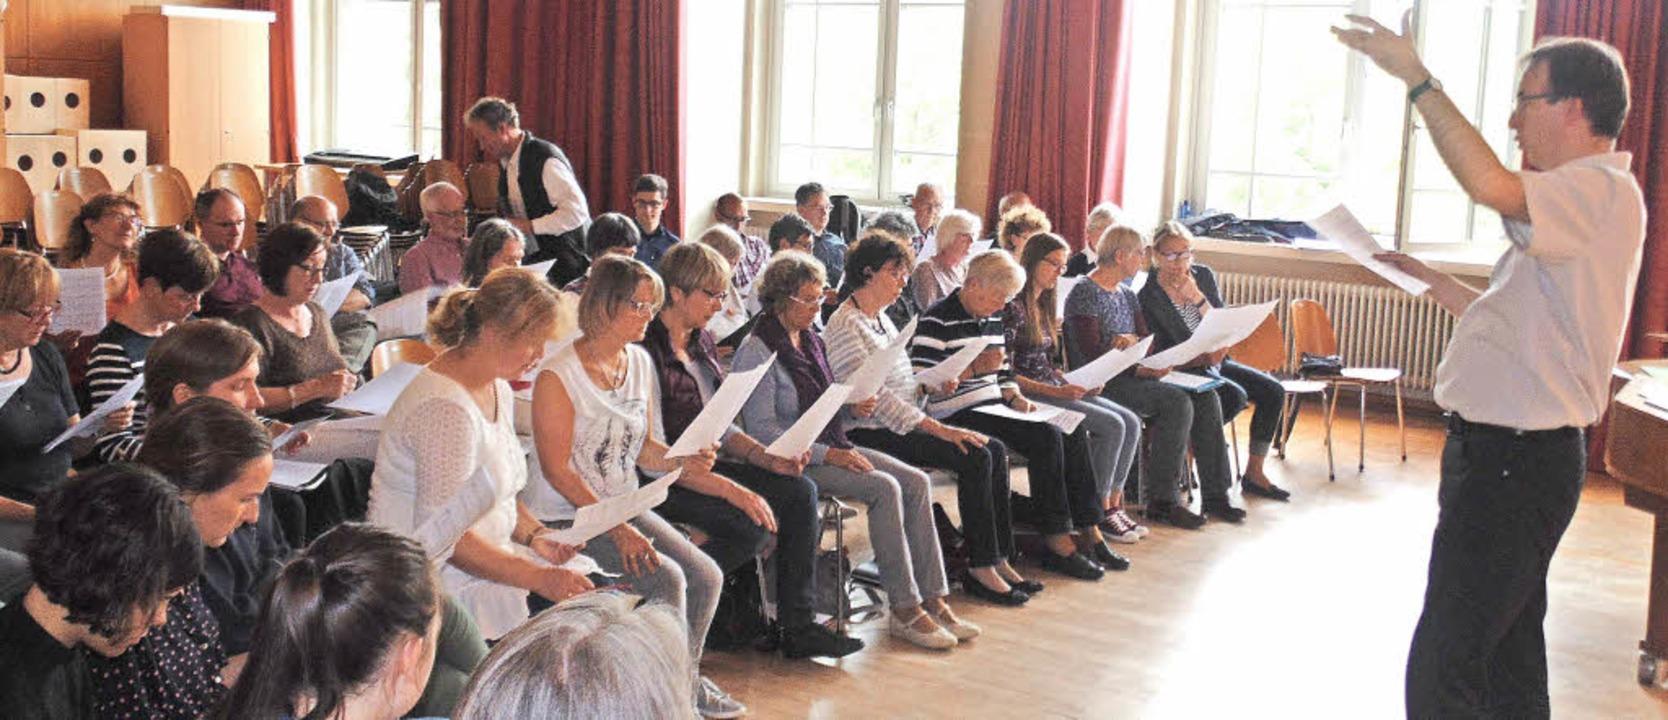 Der Kammerchor Bad Säckingen probte zu...er  in der Aula der Anton-Leo-Schule.     Foto: MICHAEL GOTTSTEIN